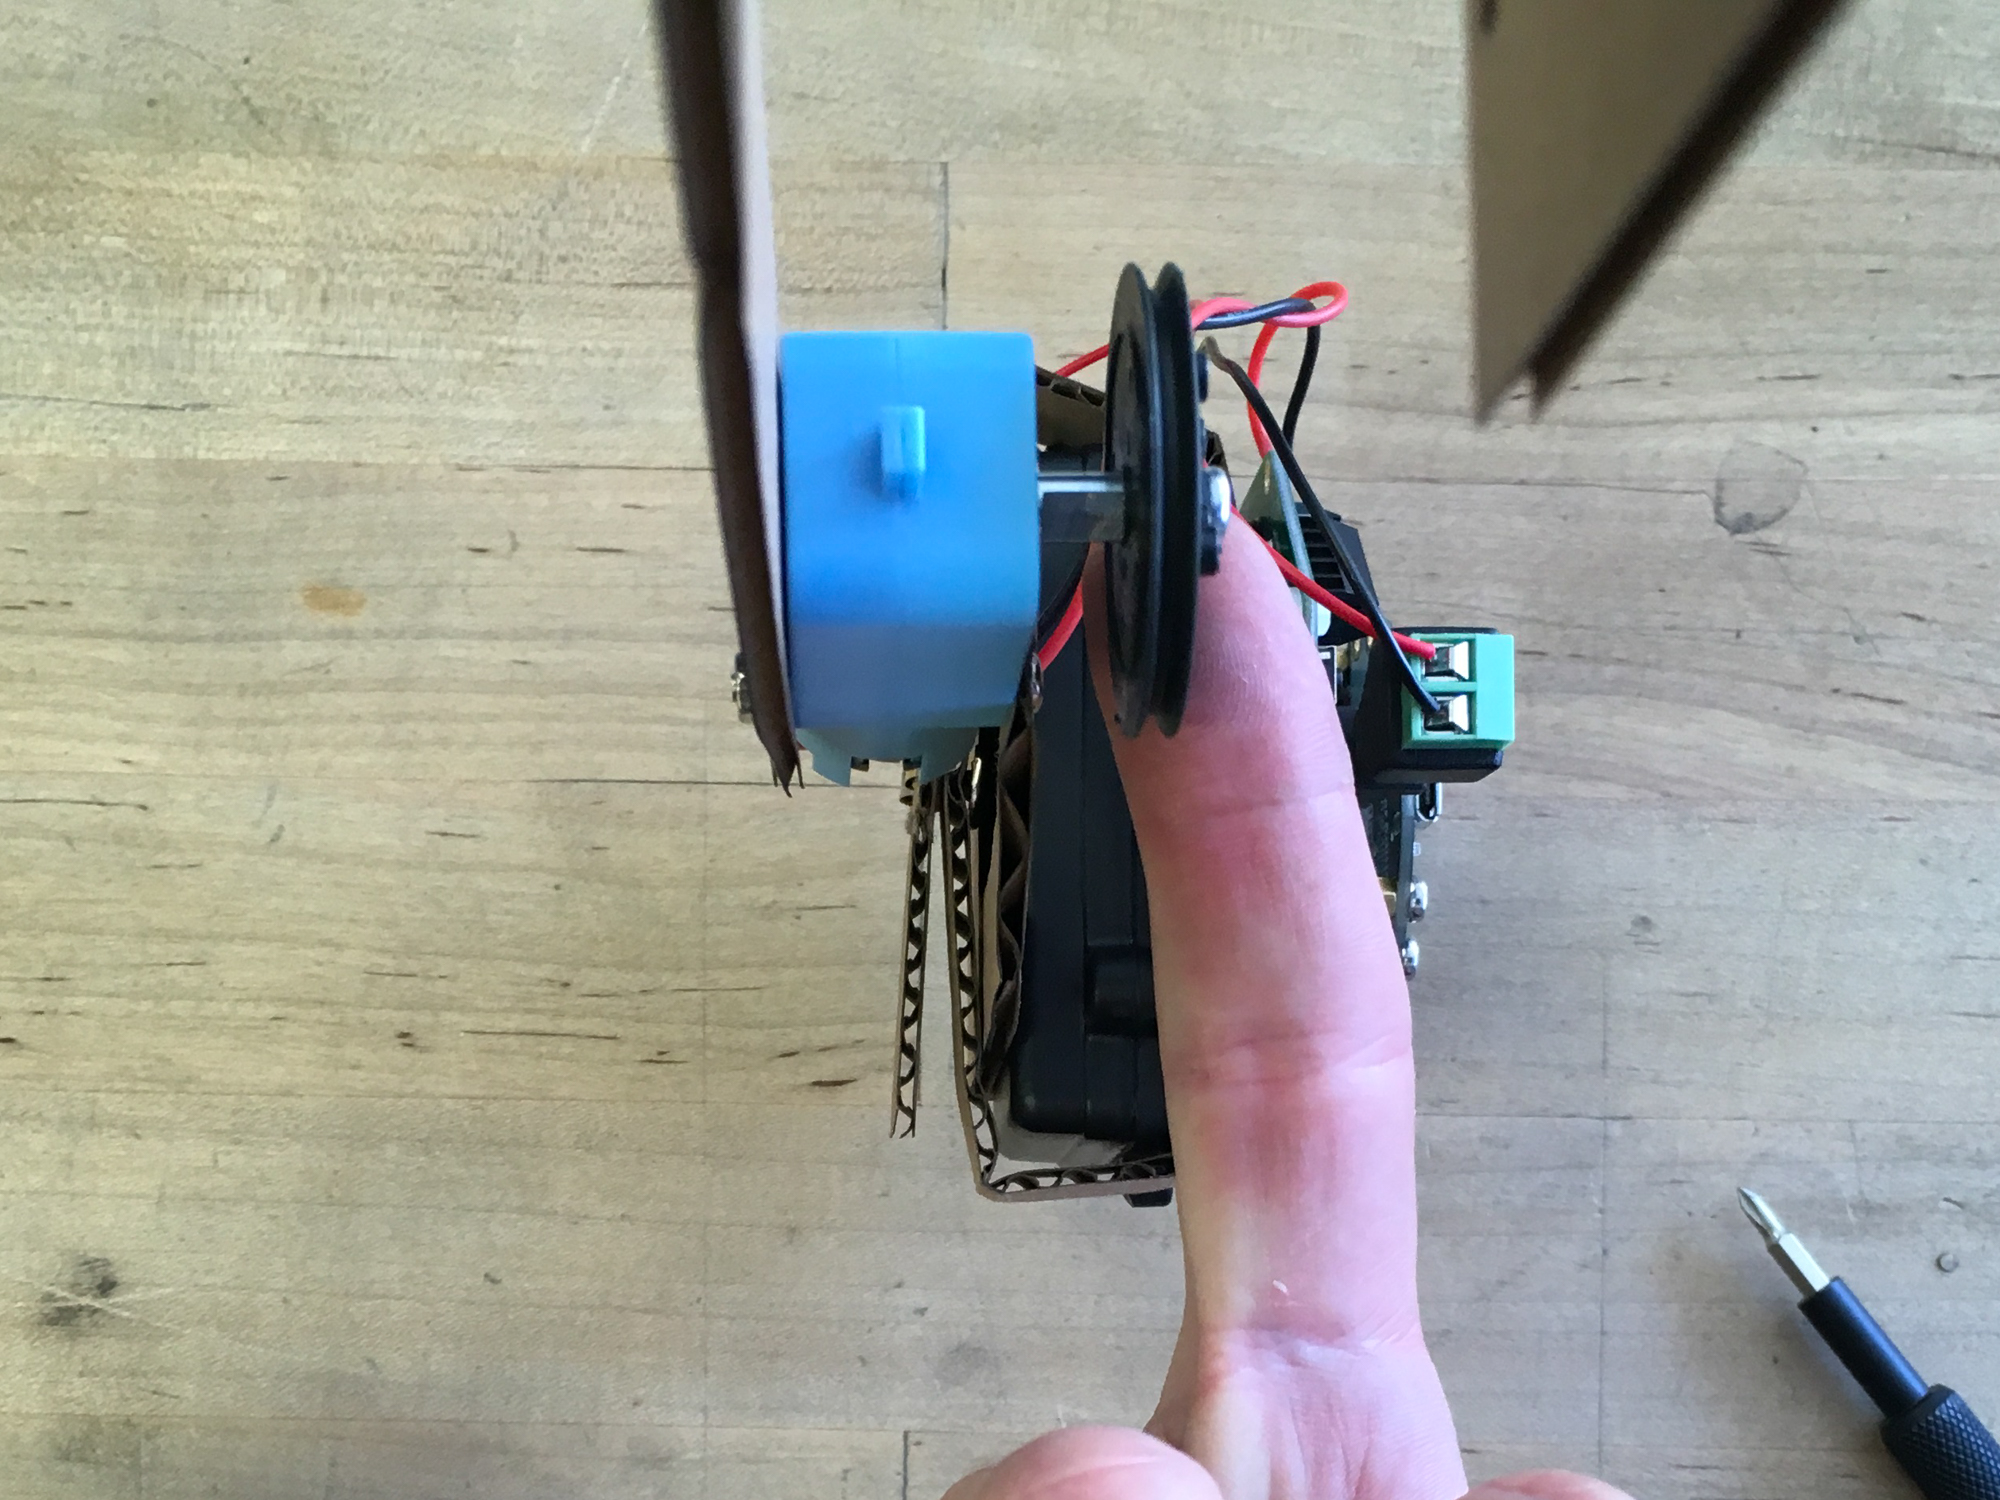 robotics___cnc_uni_bot_0062_2k.jpg